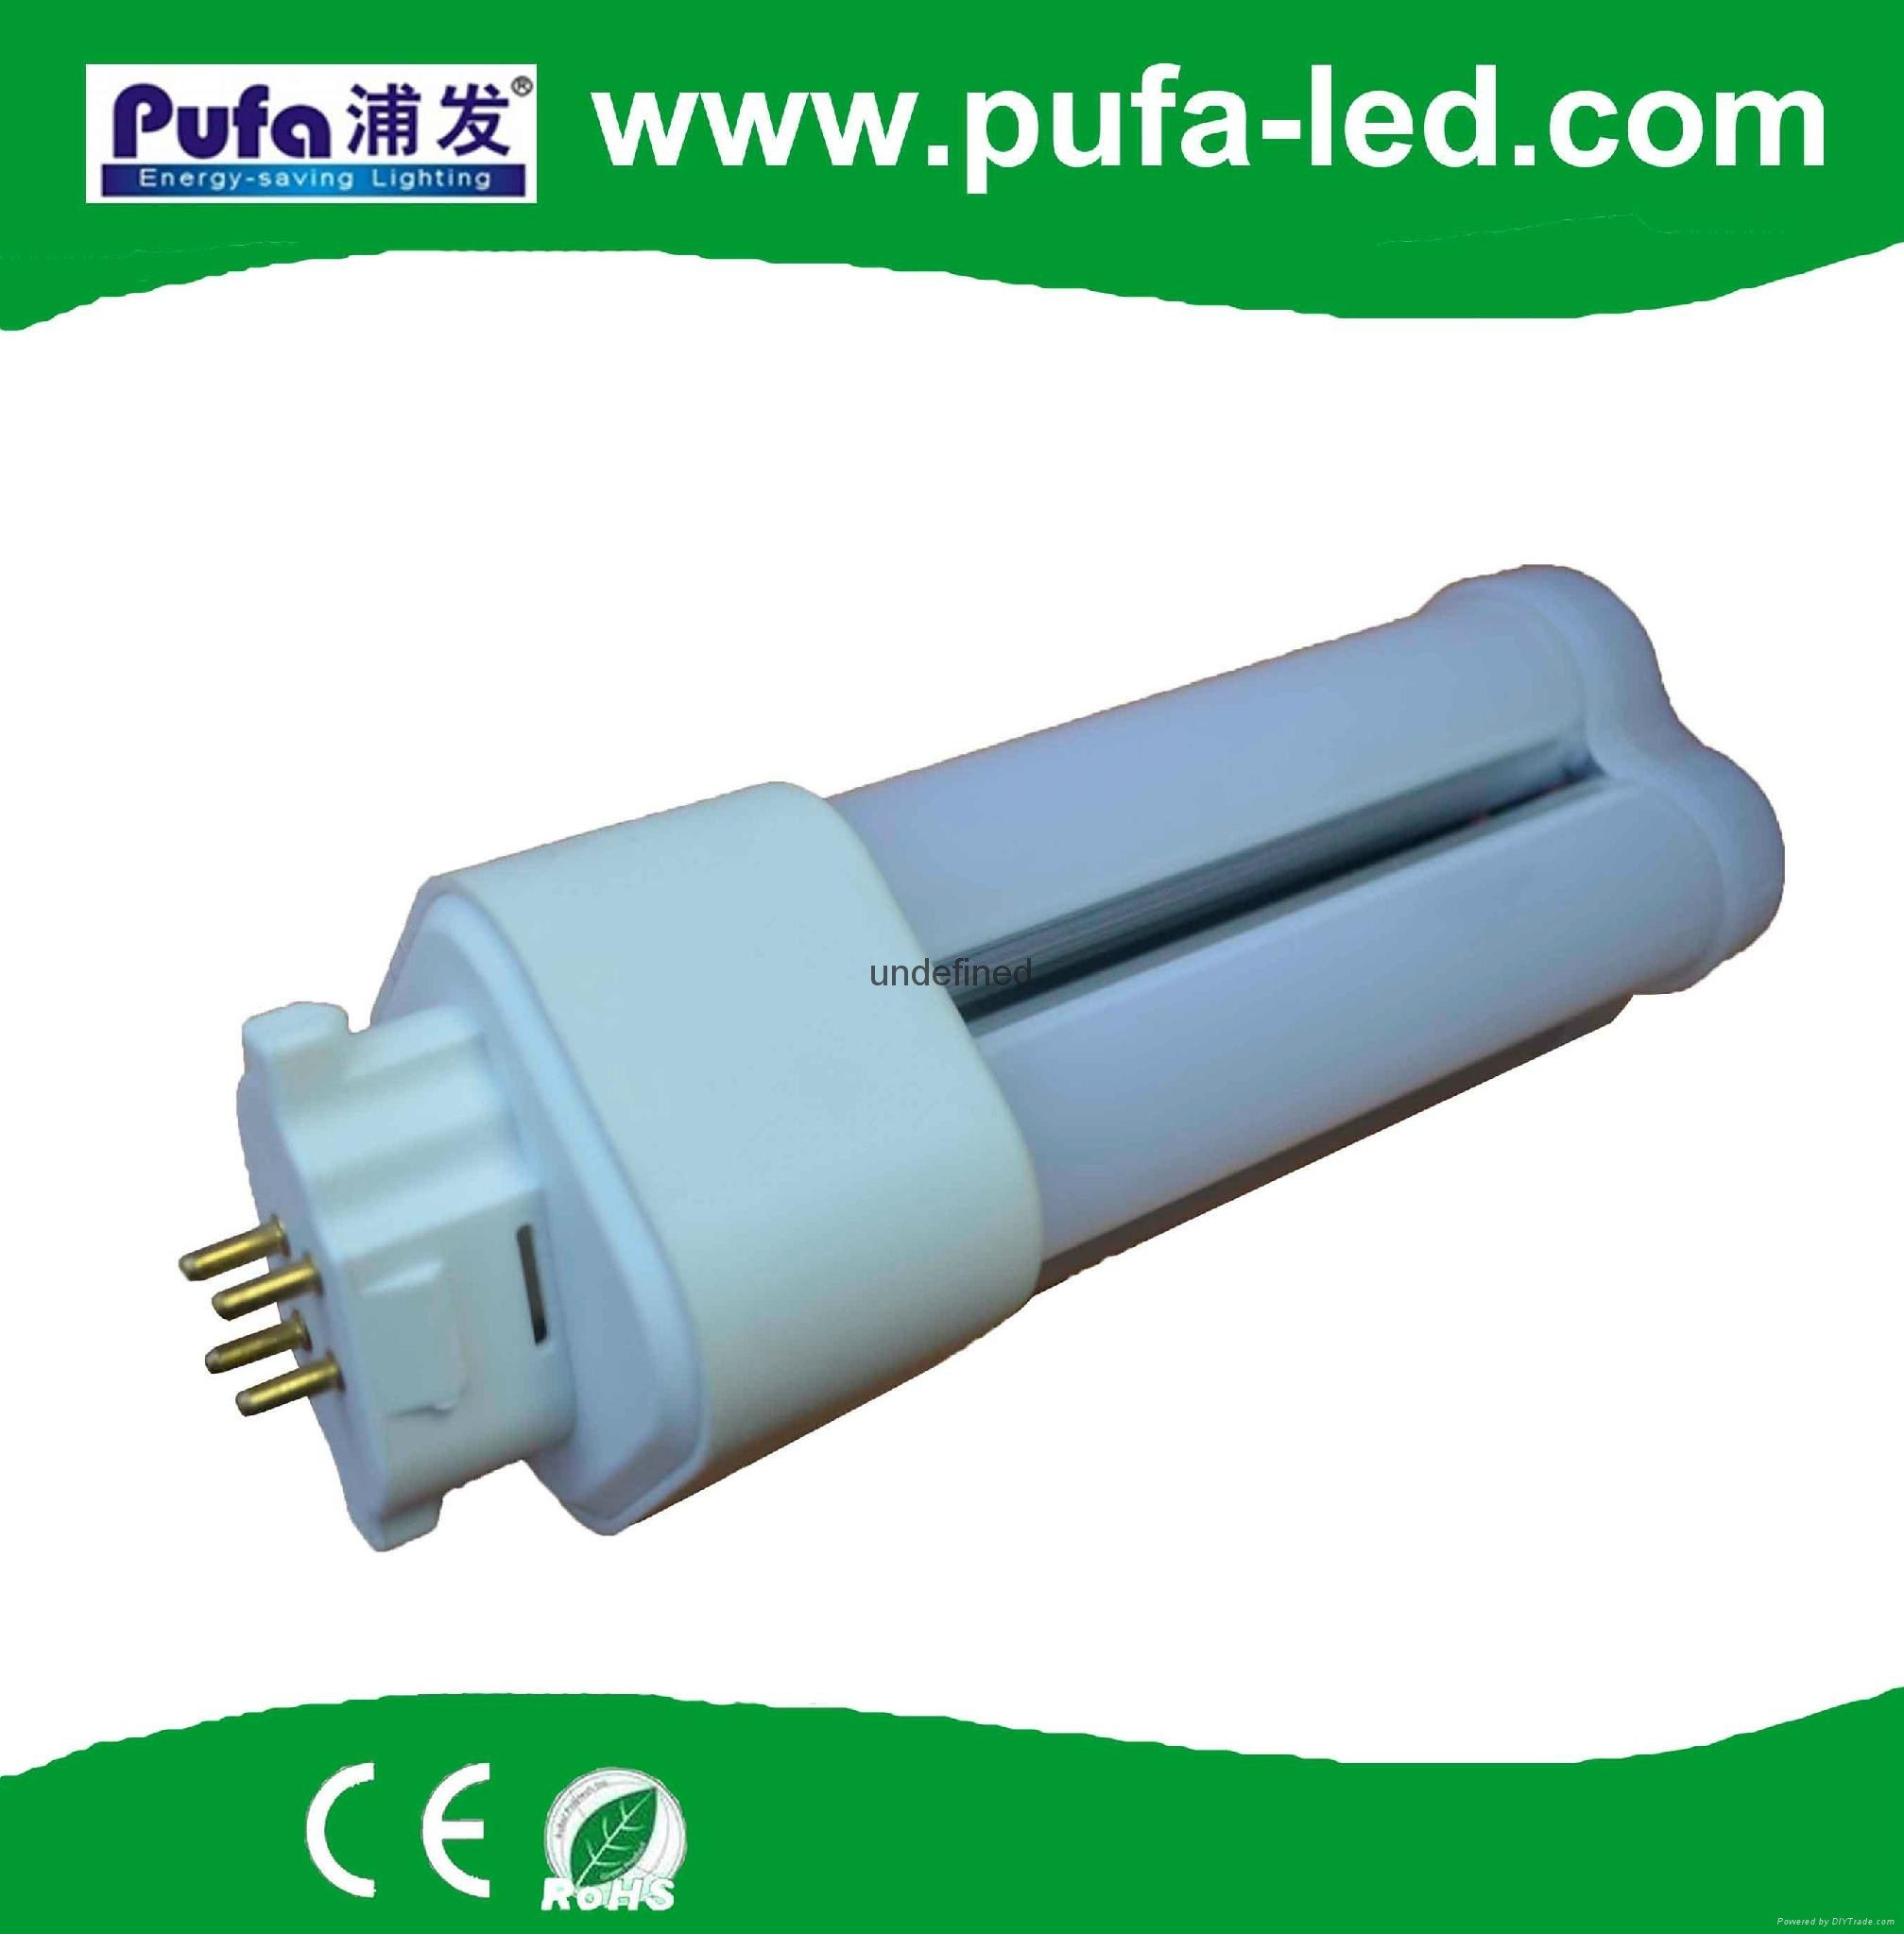 GX10Q LED 節能燈 8W 1